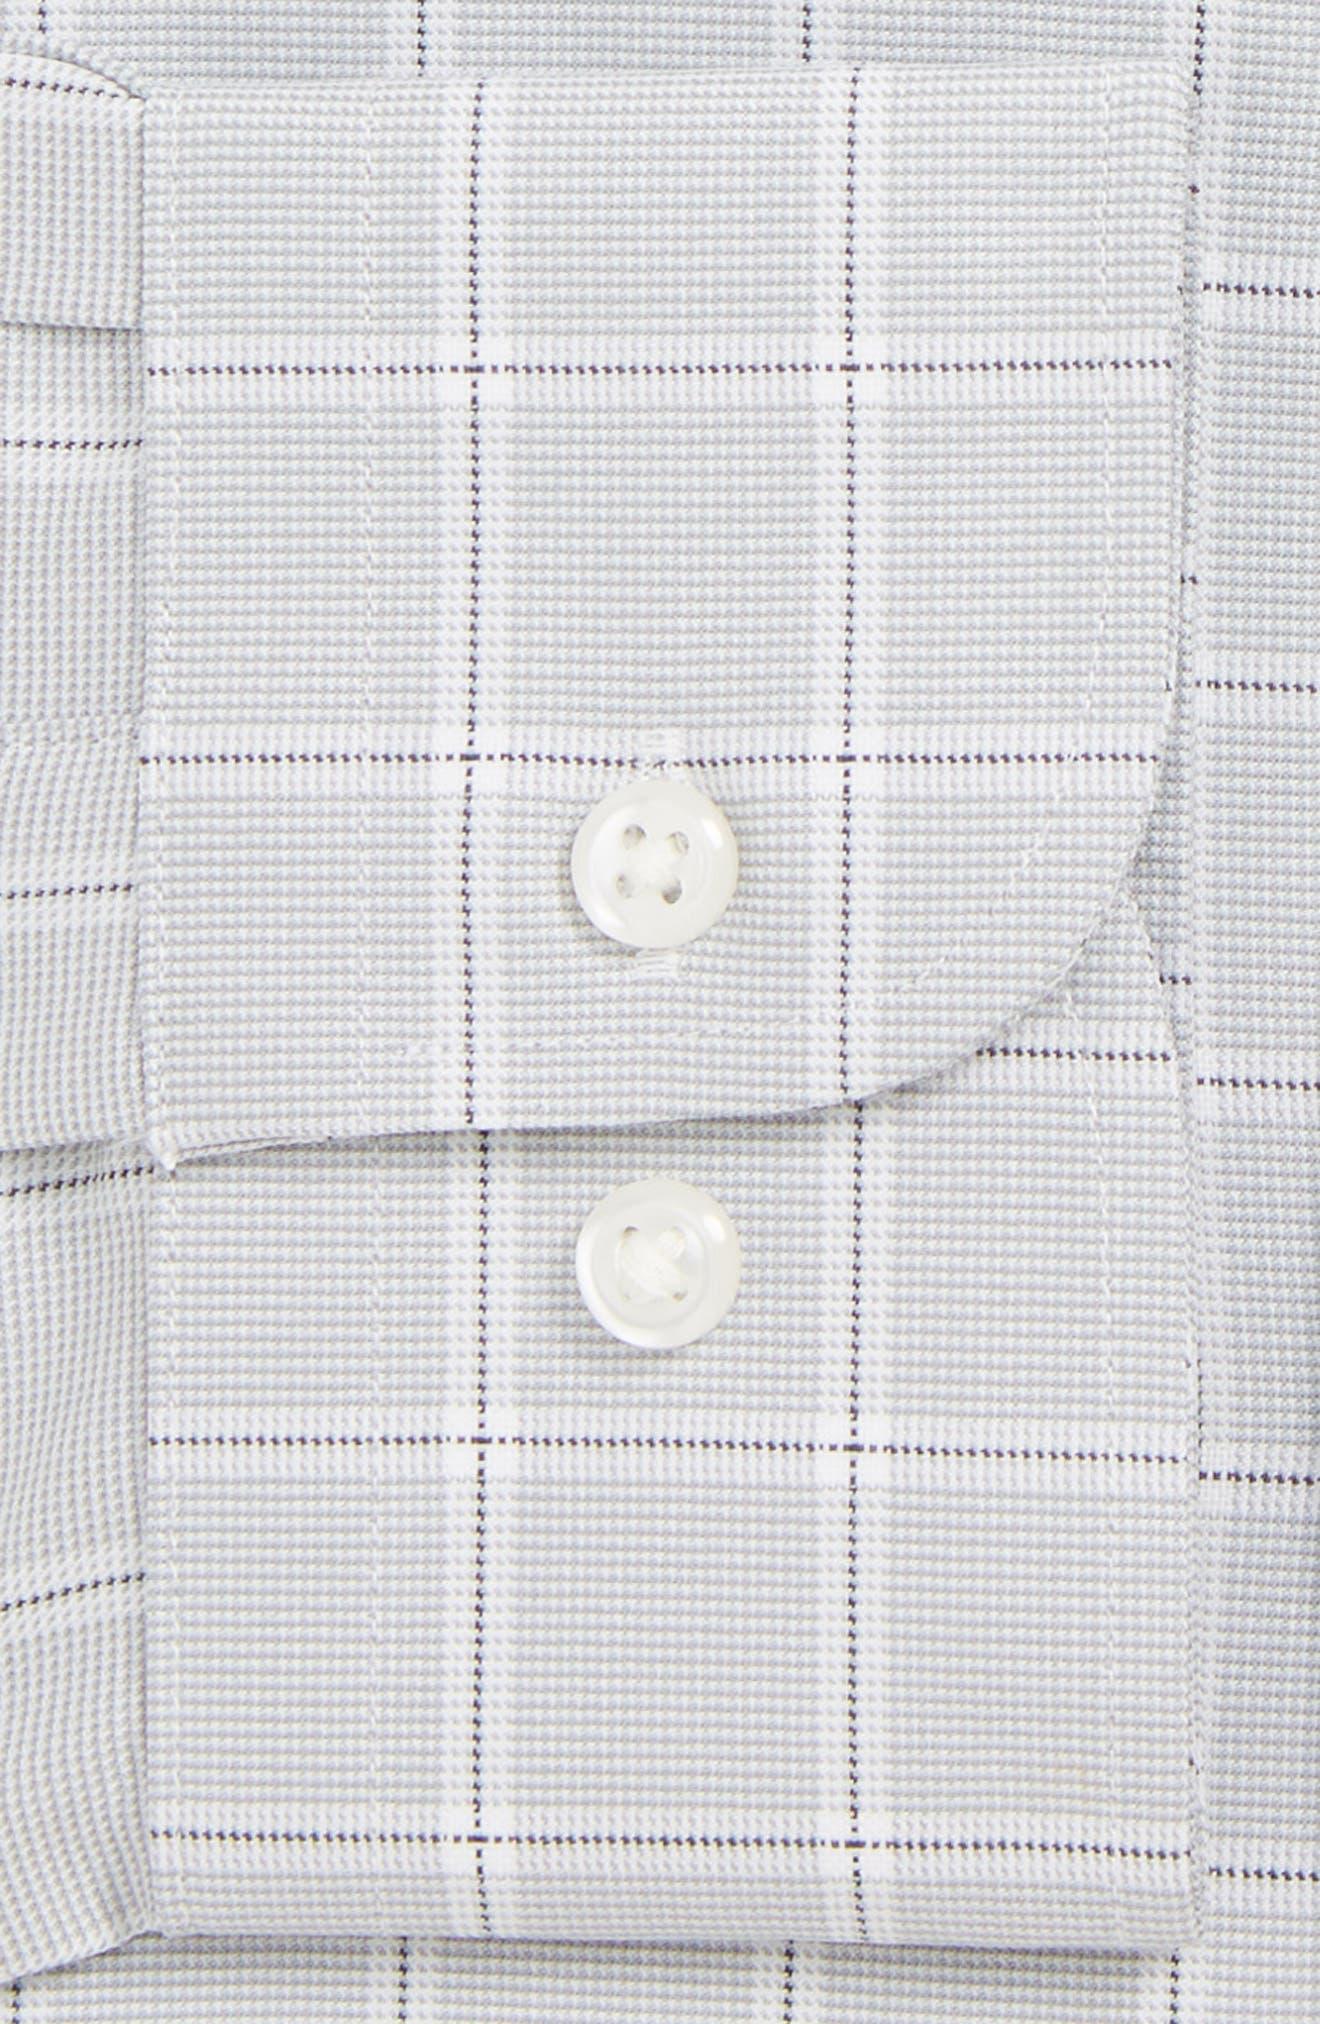 NORDSTROM MEN'S SHOP,                             Tech-Smart Classic Fit Stretch Check Dress Shirt,                             Alternate thumbnail 2, color,                             050